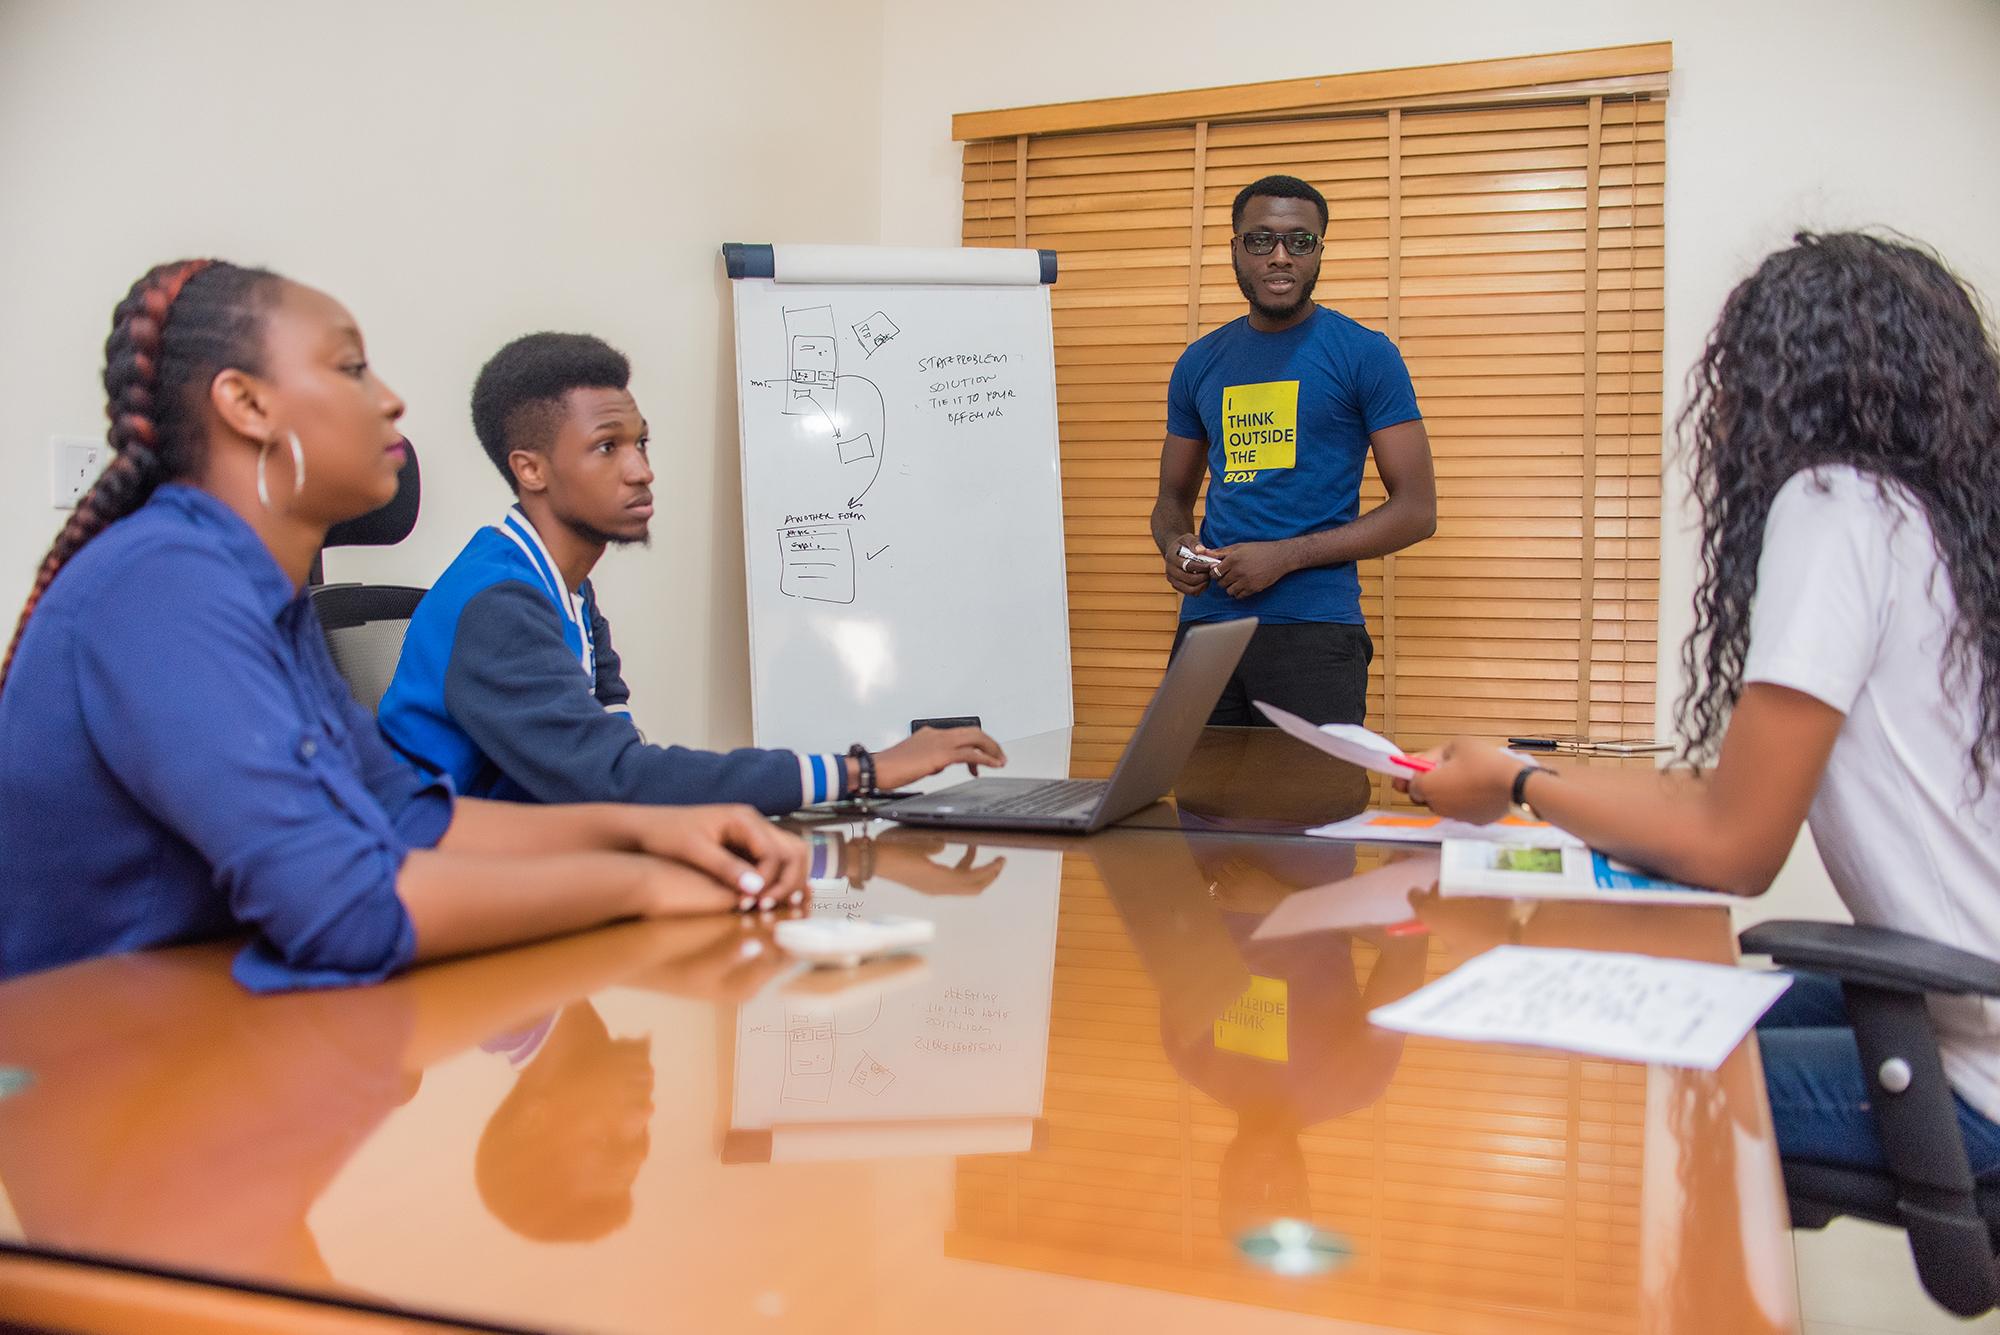 Team measuring innovation success